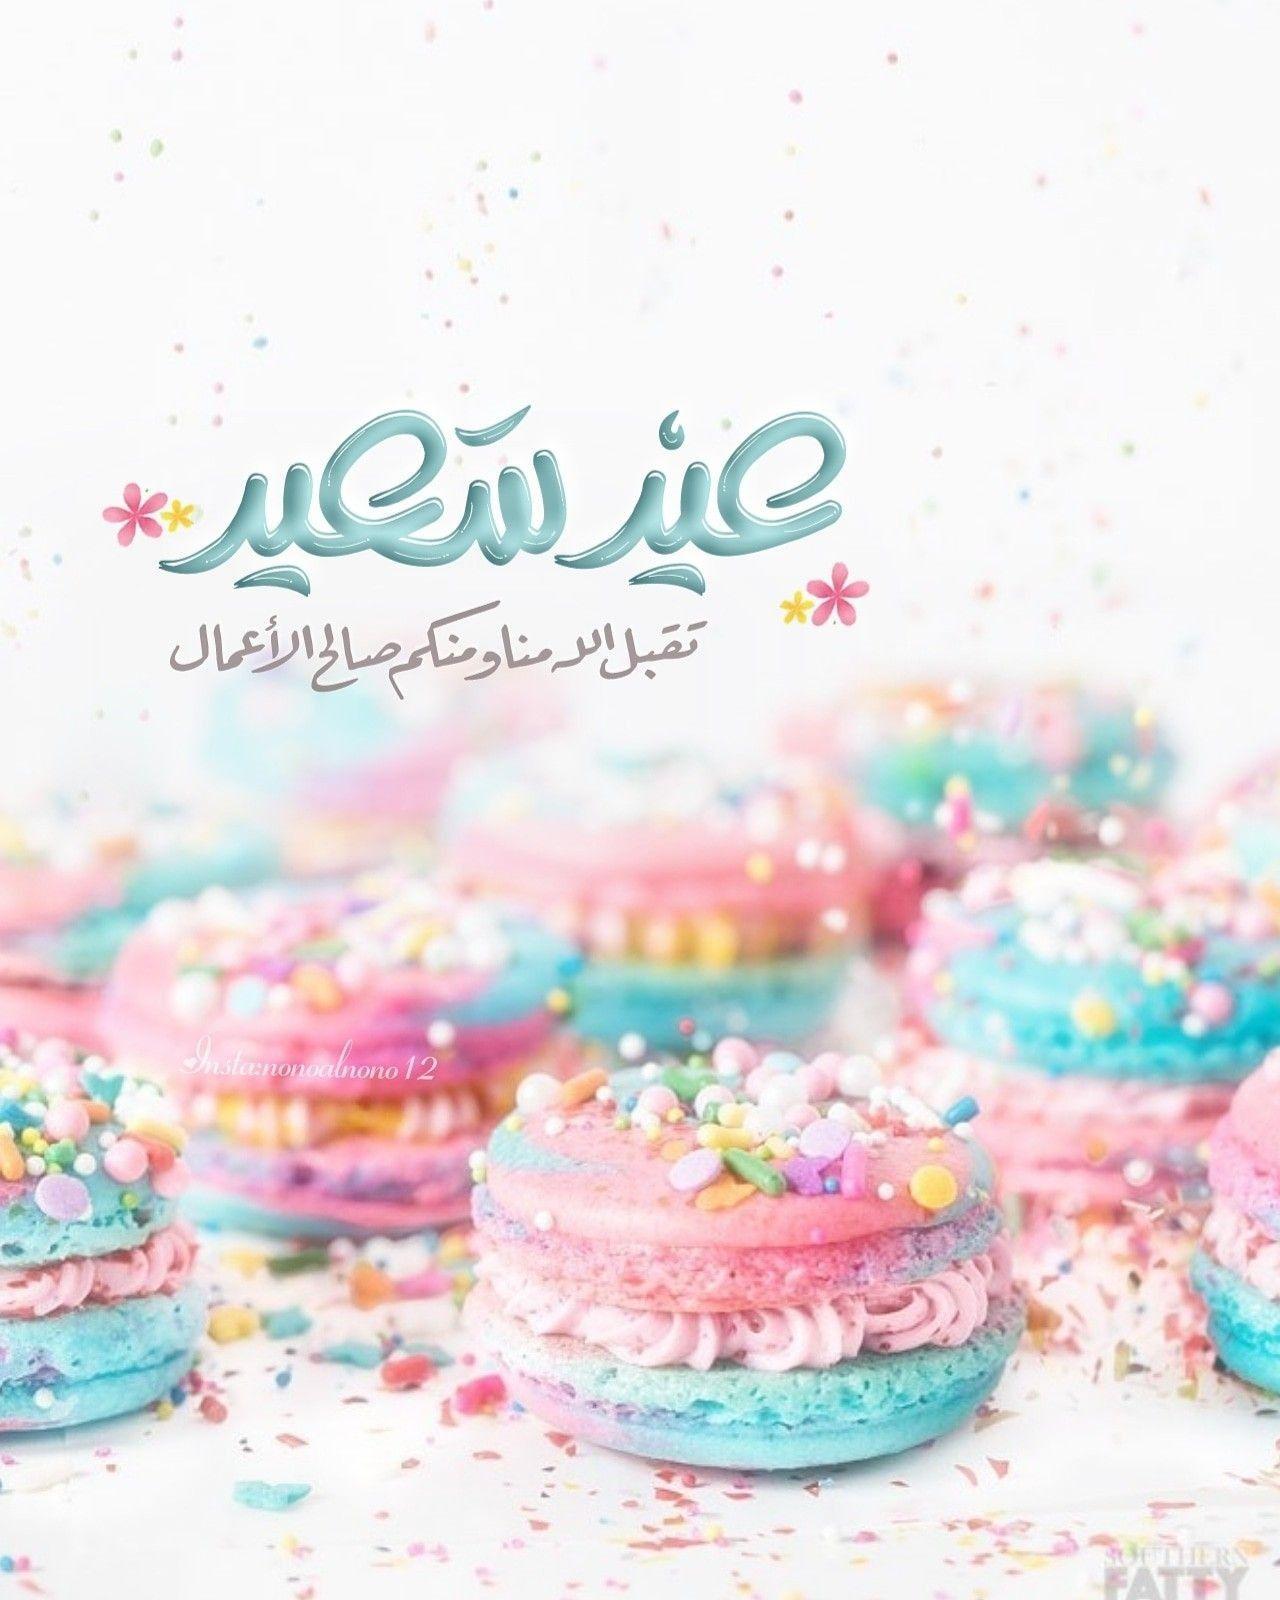 تهاني عيد الفطر 2019 Eid Mubarik Happy Eid Eid Mubarek